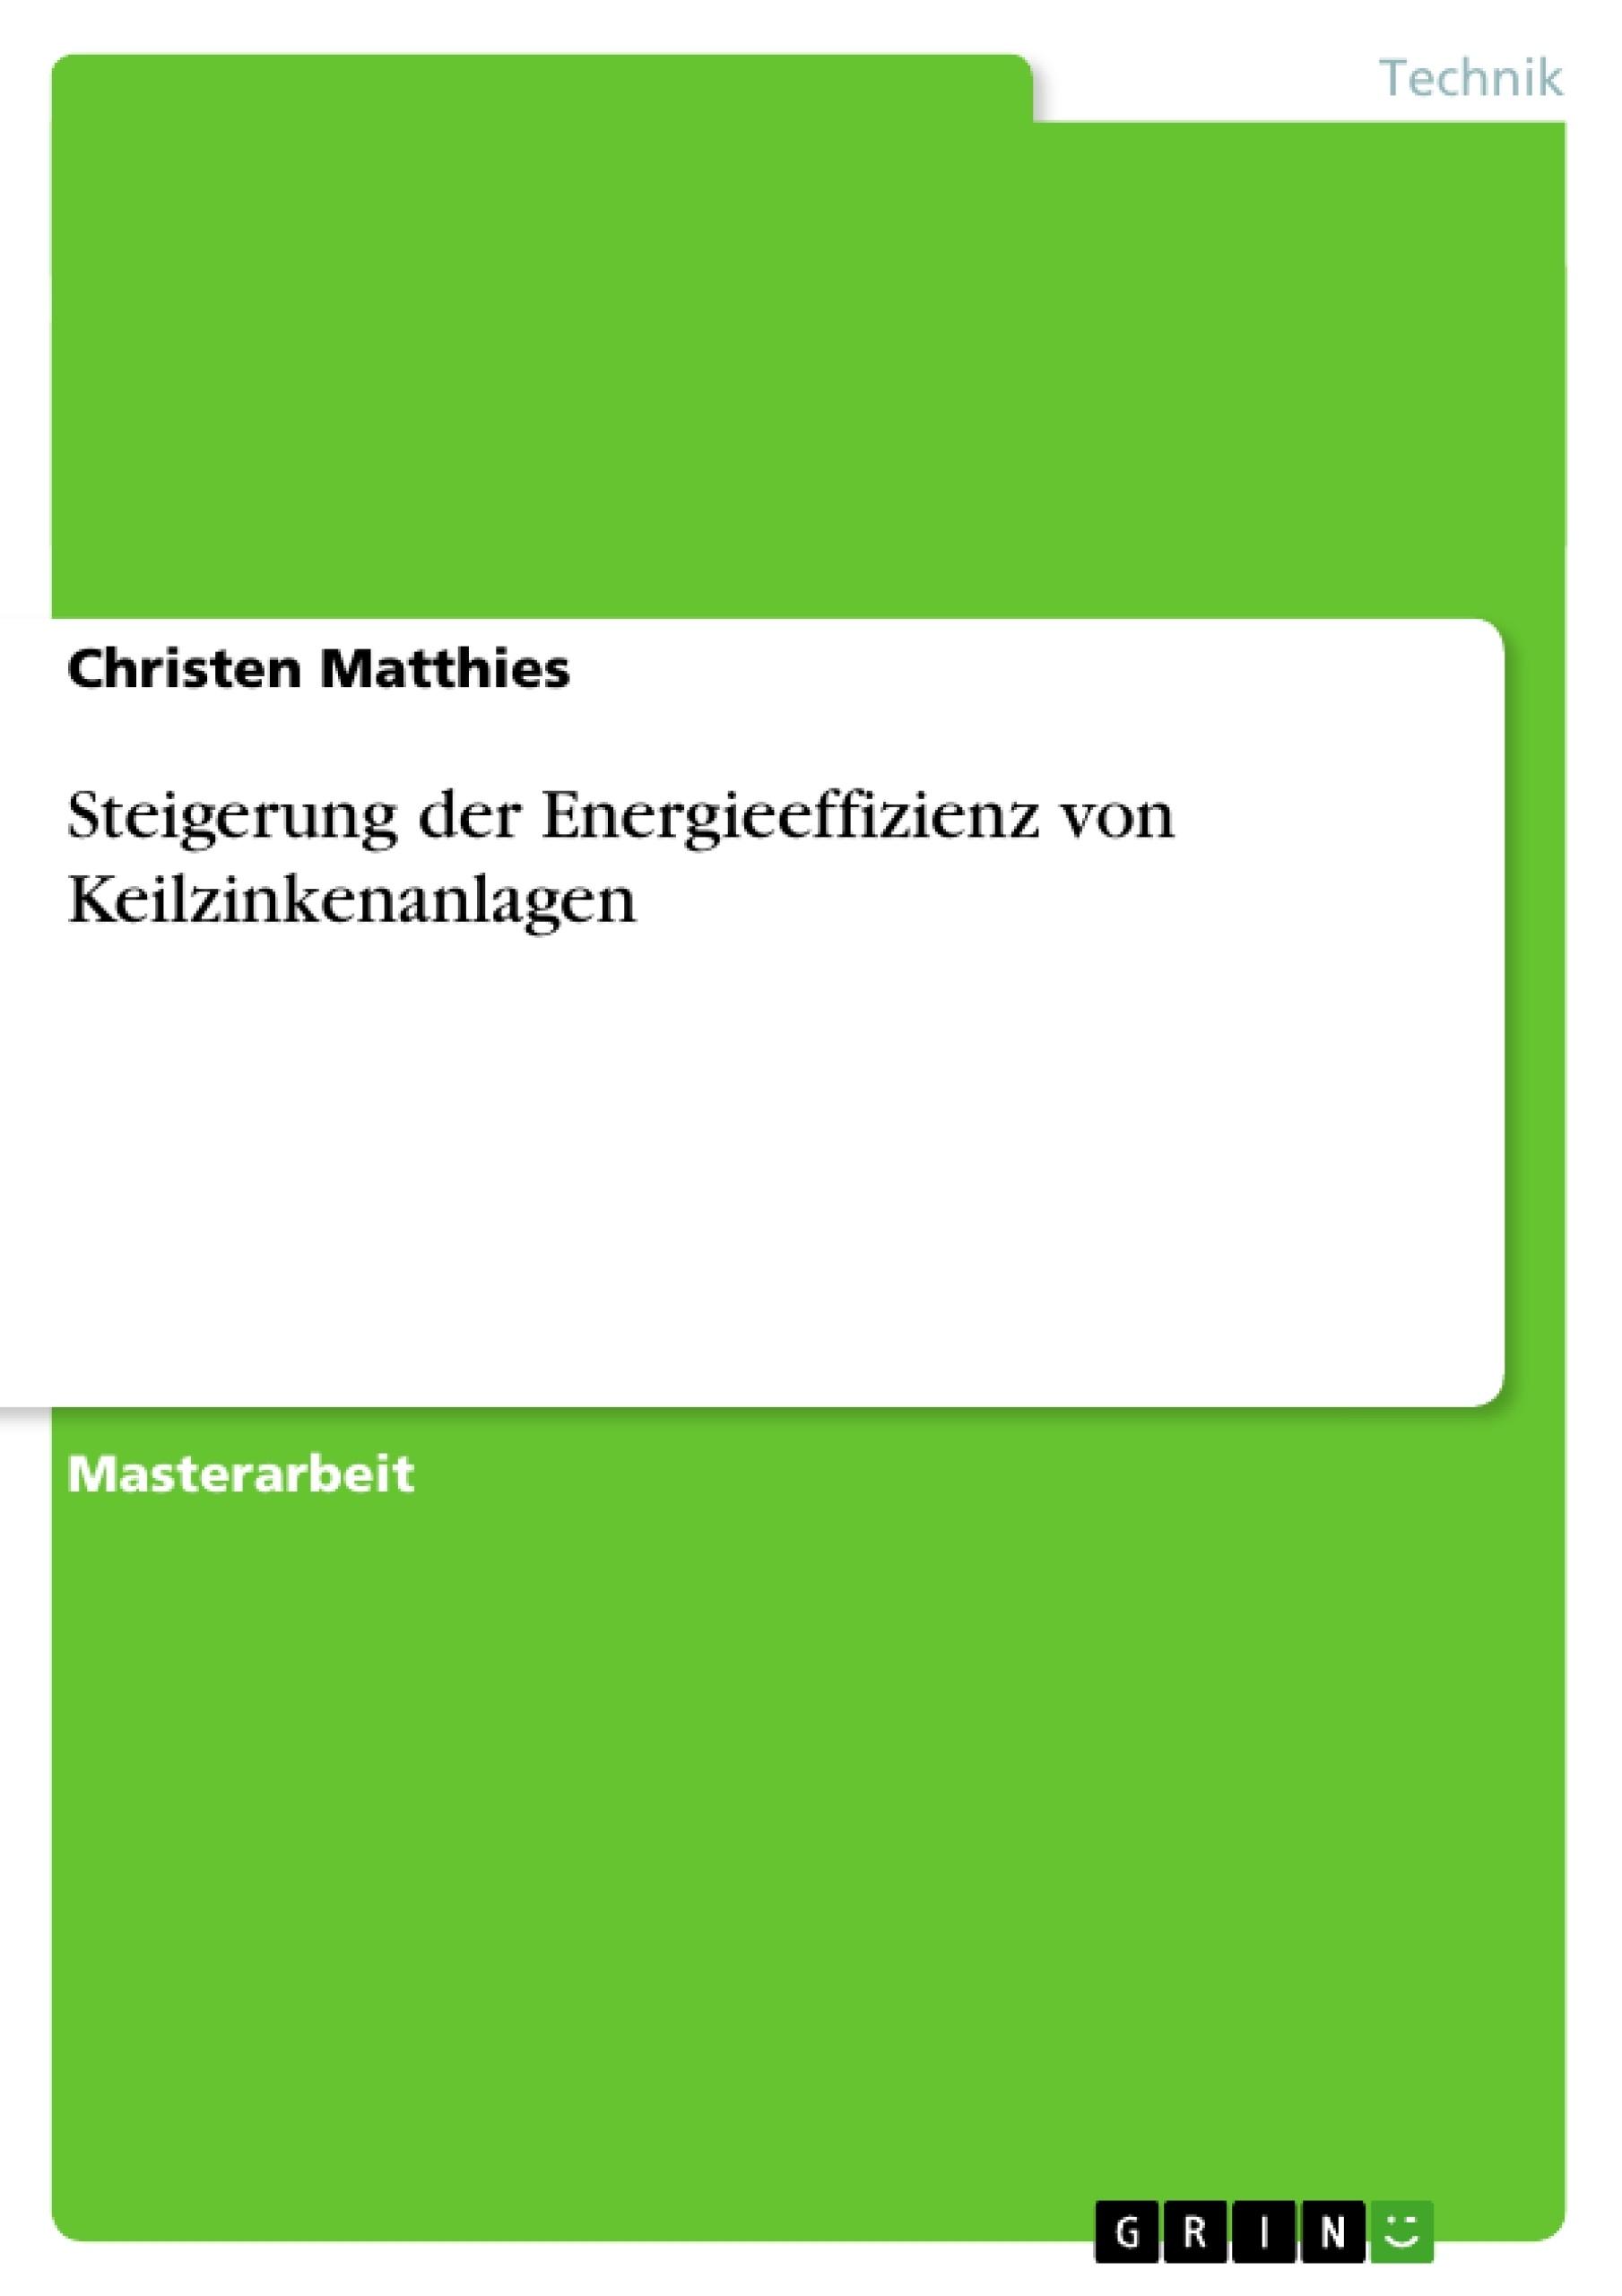 Titel: Steigerung der Energieeffizienz von Keilzinkenanlagen